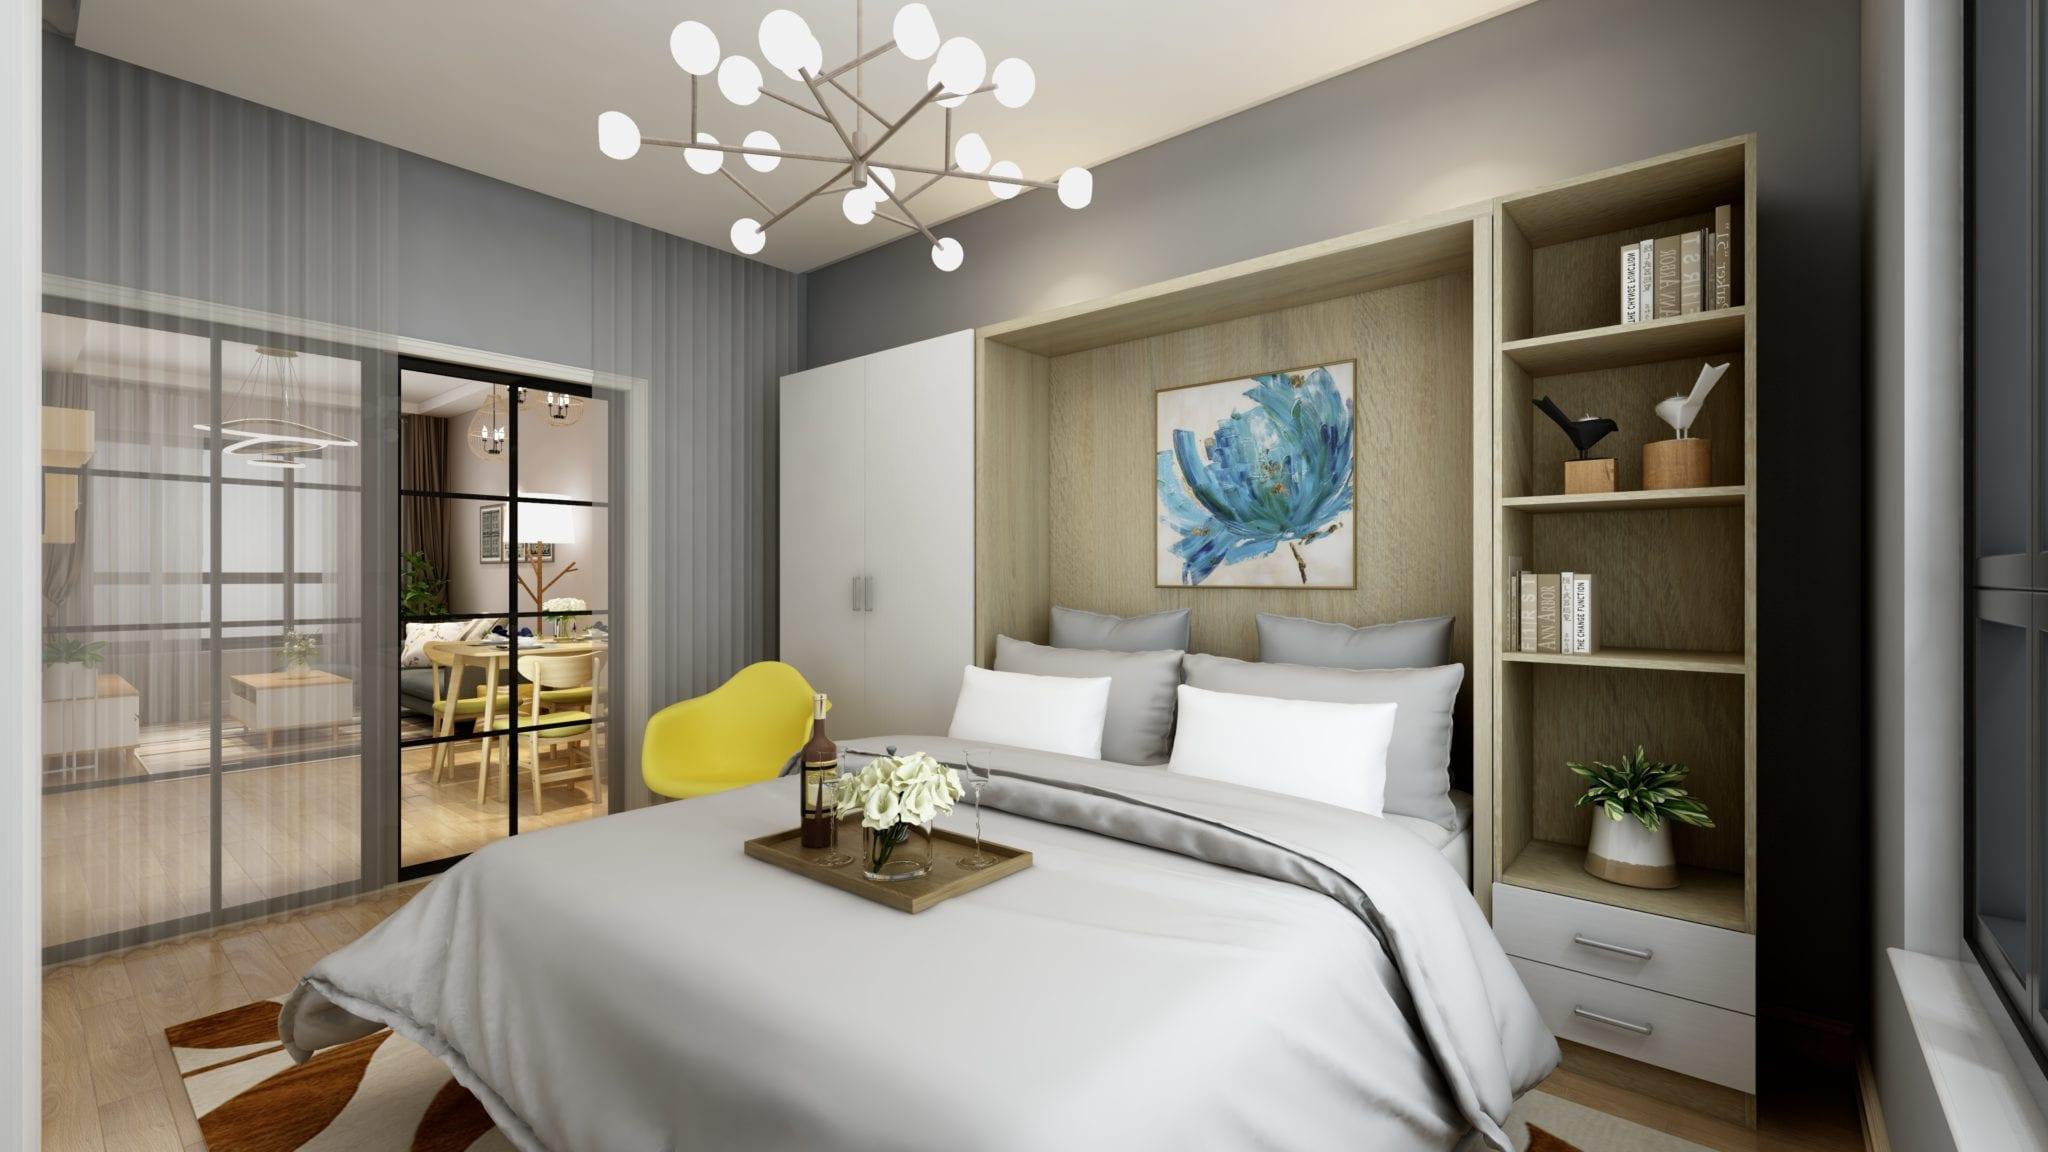 appartement de 75 m2 vendu en VEFA fait partie du projet l'OFIS